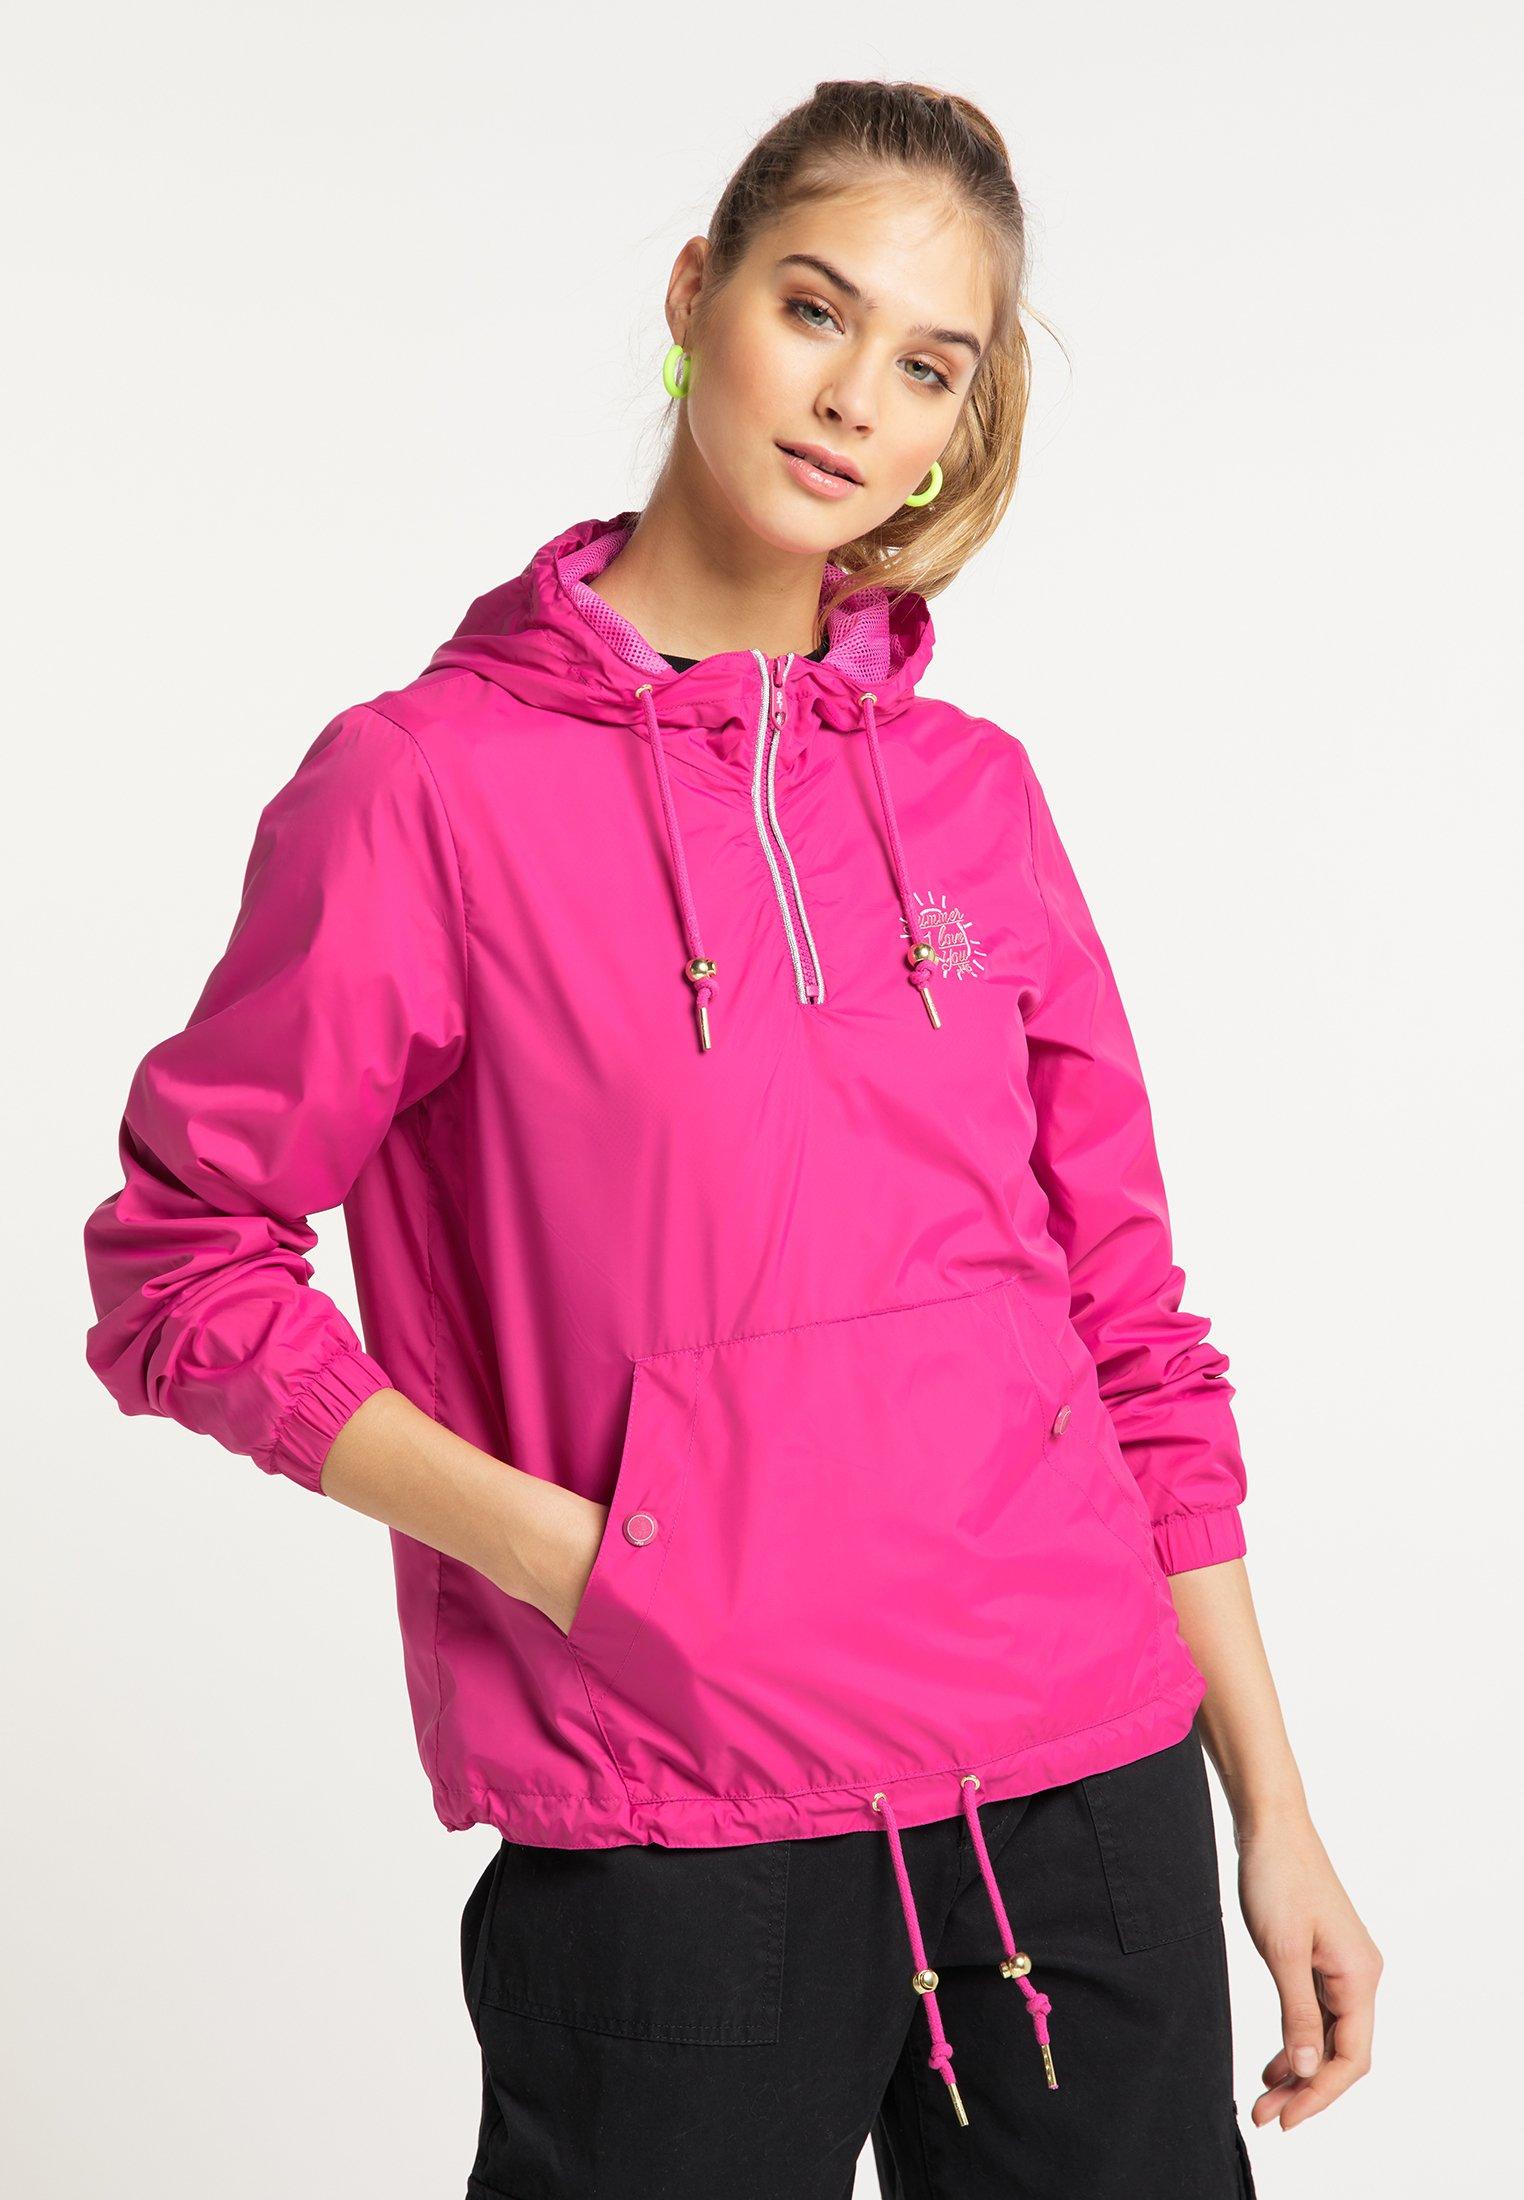 Affordable Women's Clothing myMo SCHLUPFJACKE Windbreaker pink V59aVxzC6